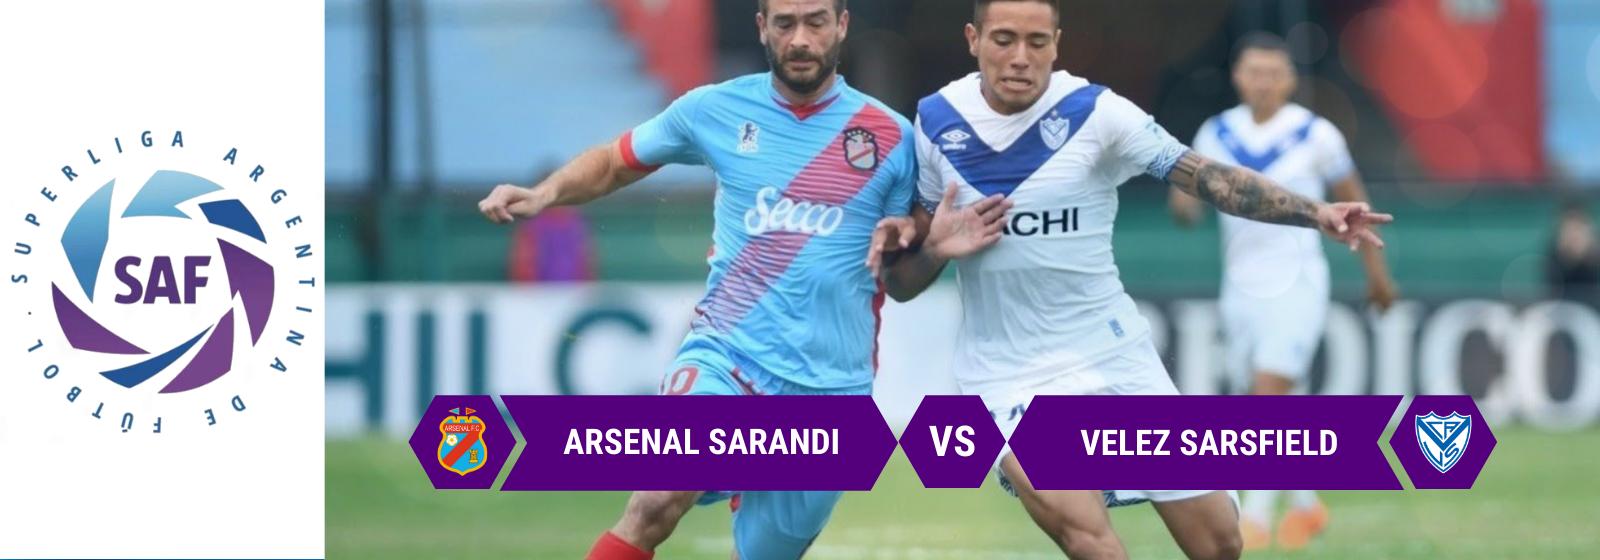 Asianconnect: Arsenal vs Velez Odds for February 23, 2020